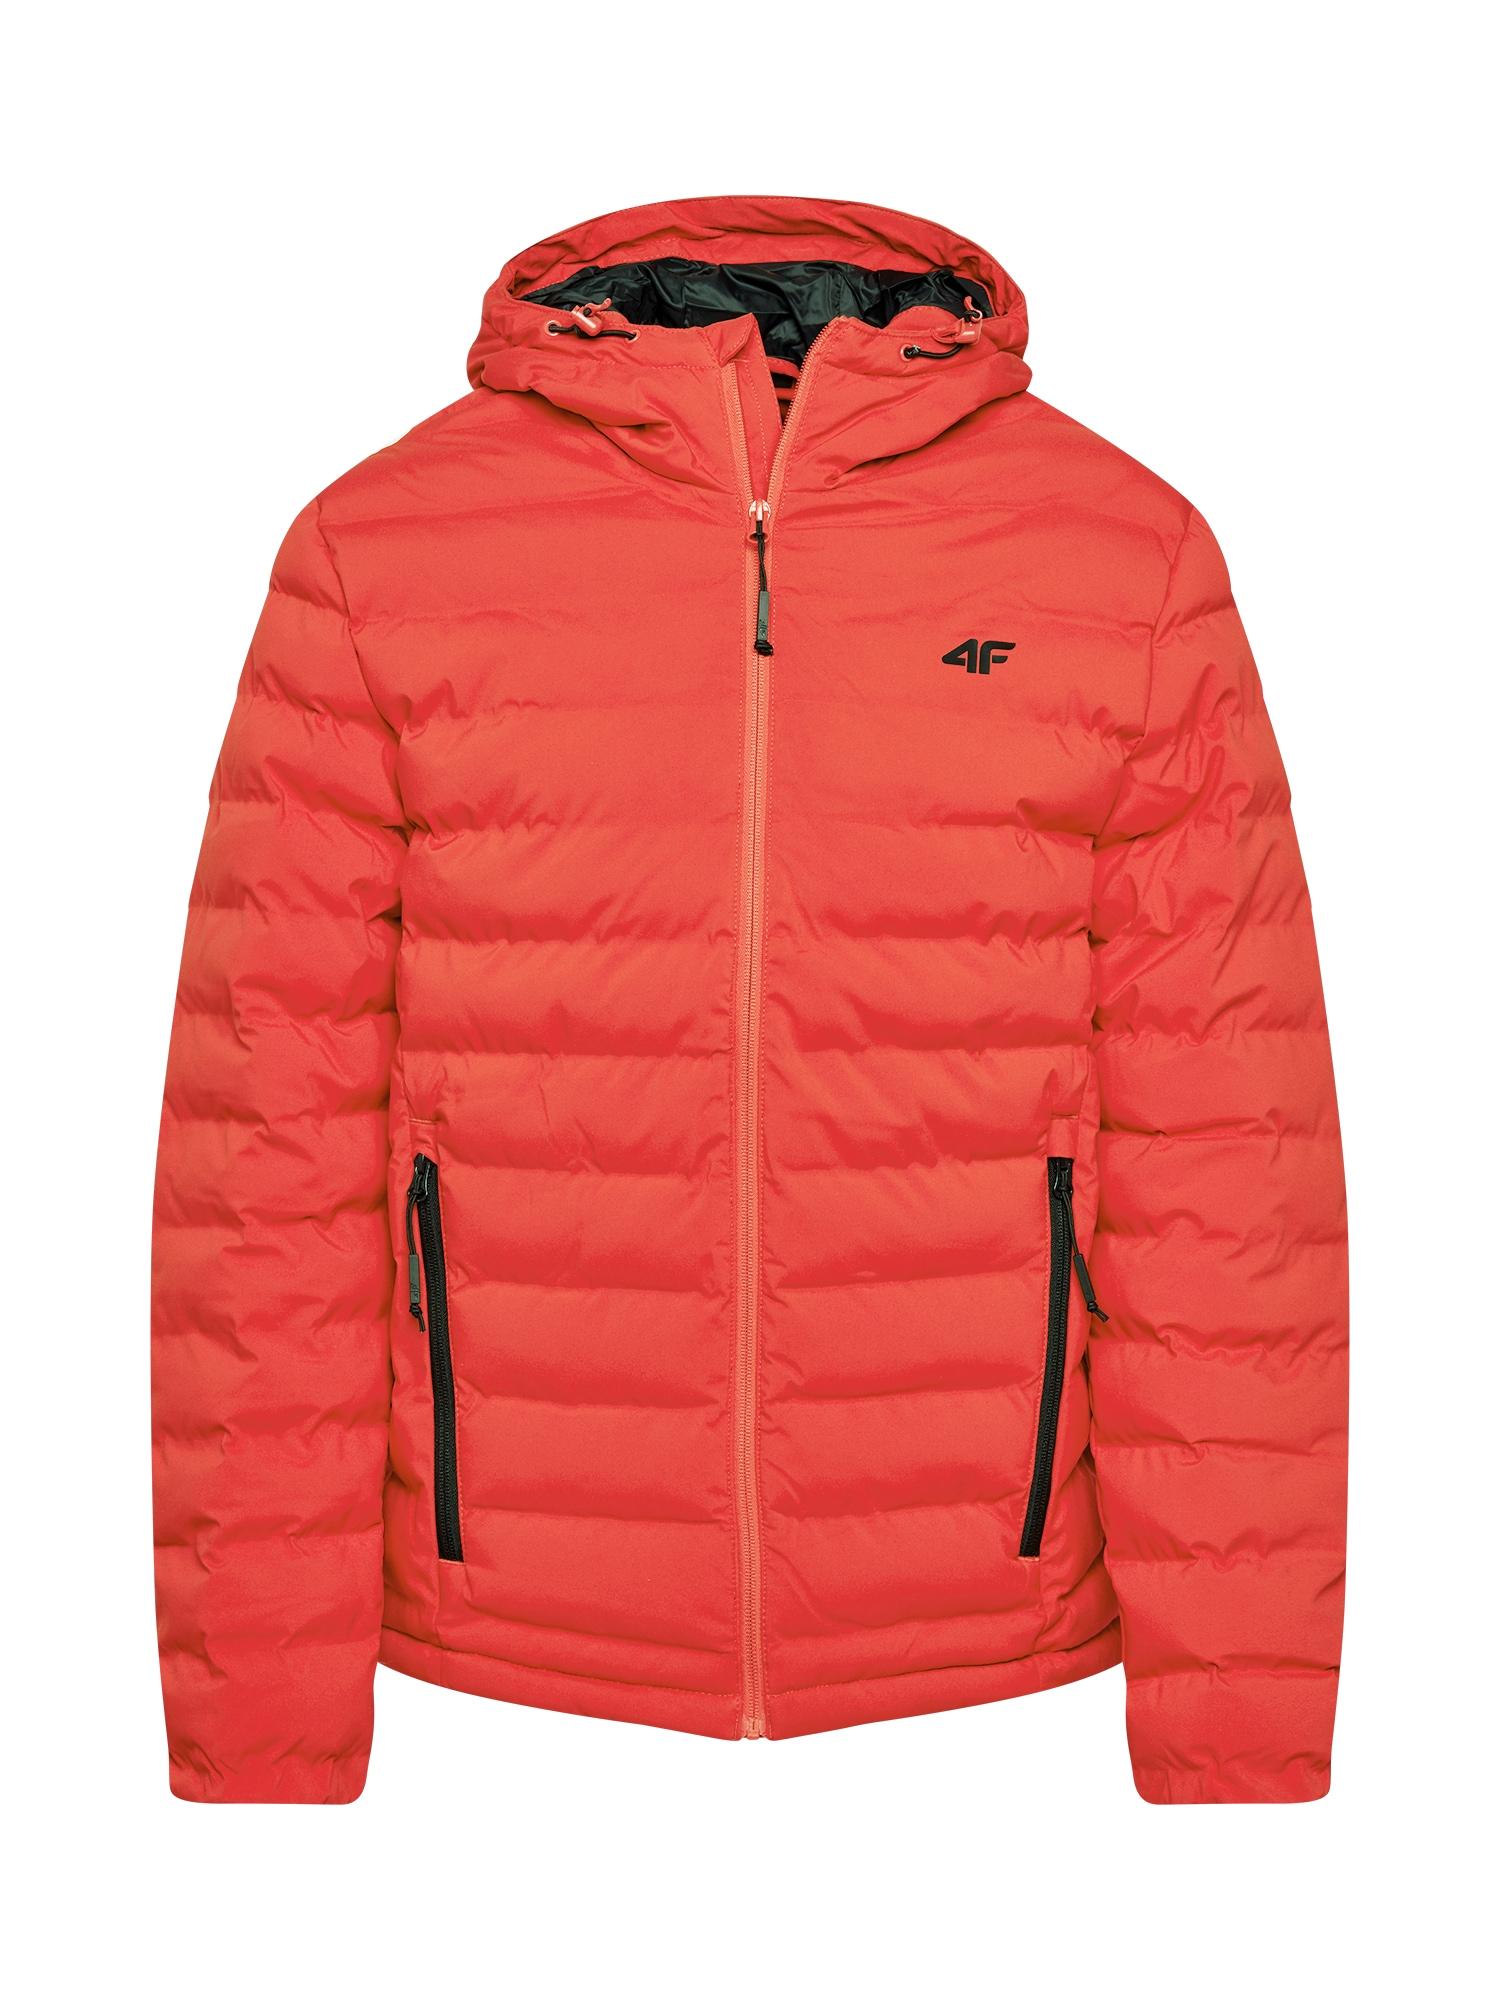 4F Laisvalaikio striukė oranžinė-raudona / juoda